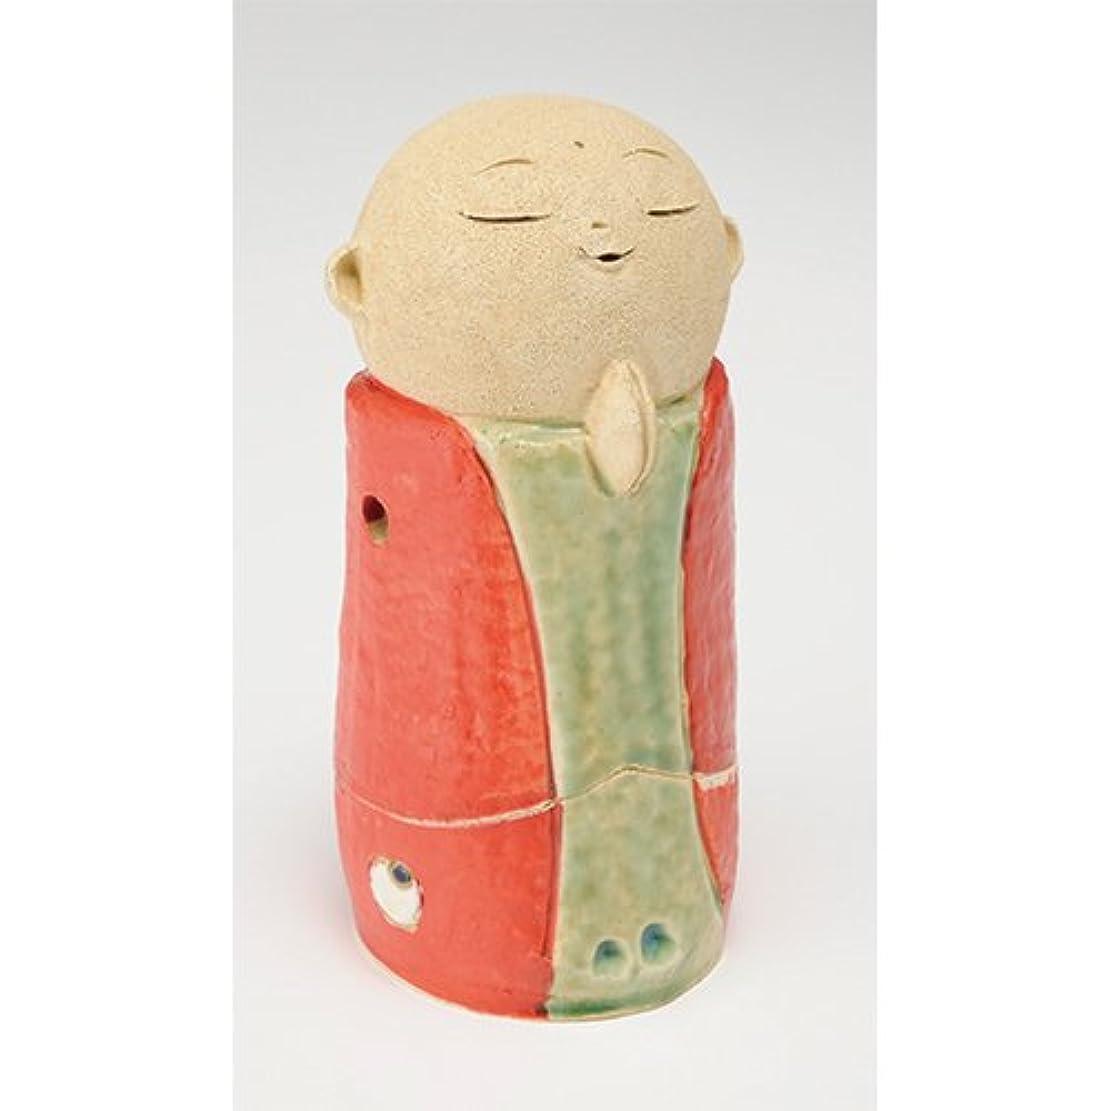 言うバイアス図書館お地蔵様 香炉シリーズ 赤 お地蔵様 香炉 5.3寸(大) [H16cm] HANDMADE プレゼント ギフト 和食器 かわいい インテリア